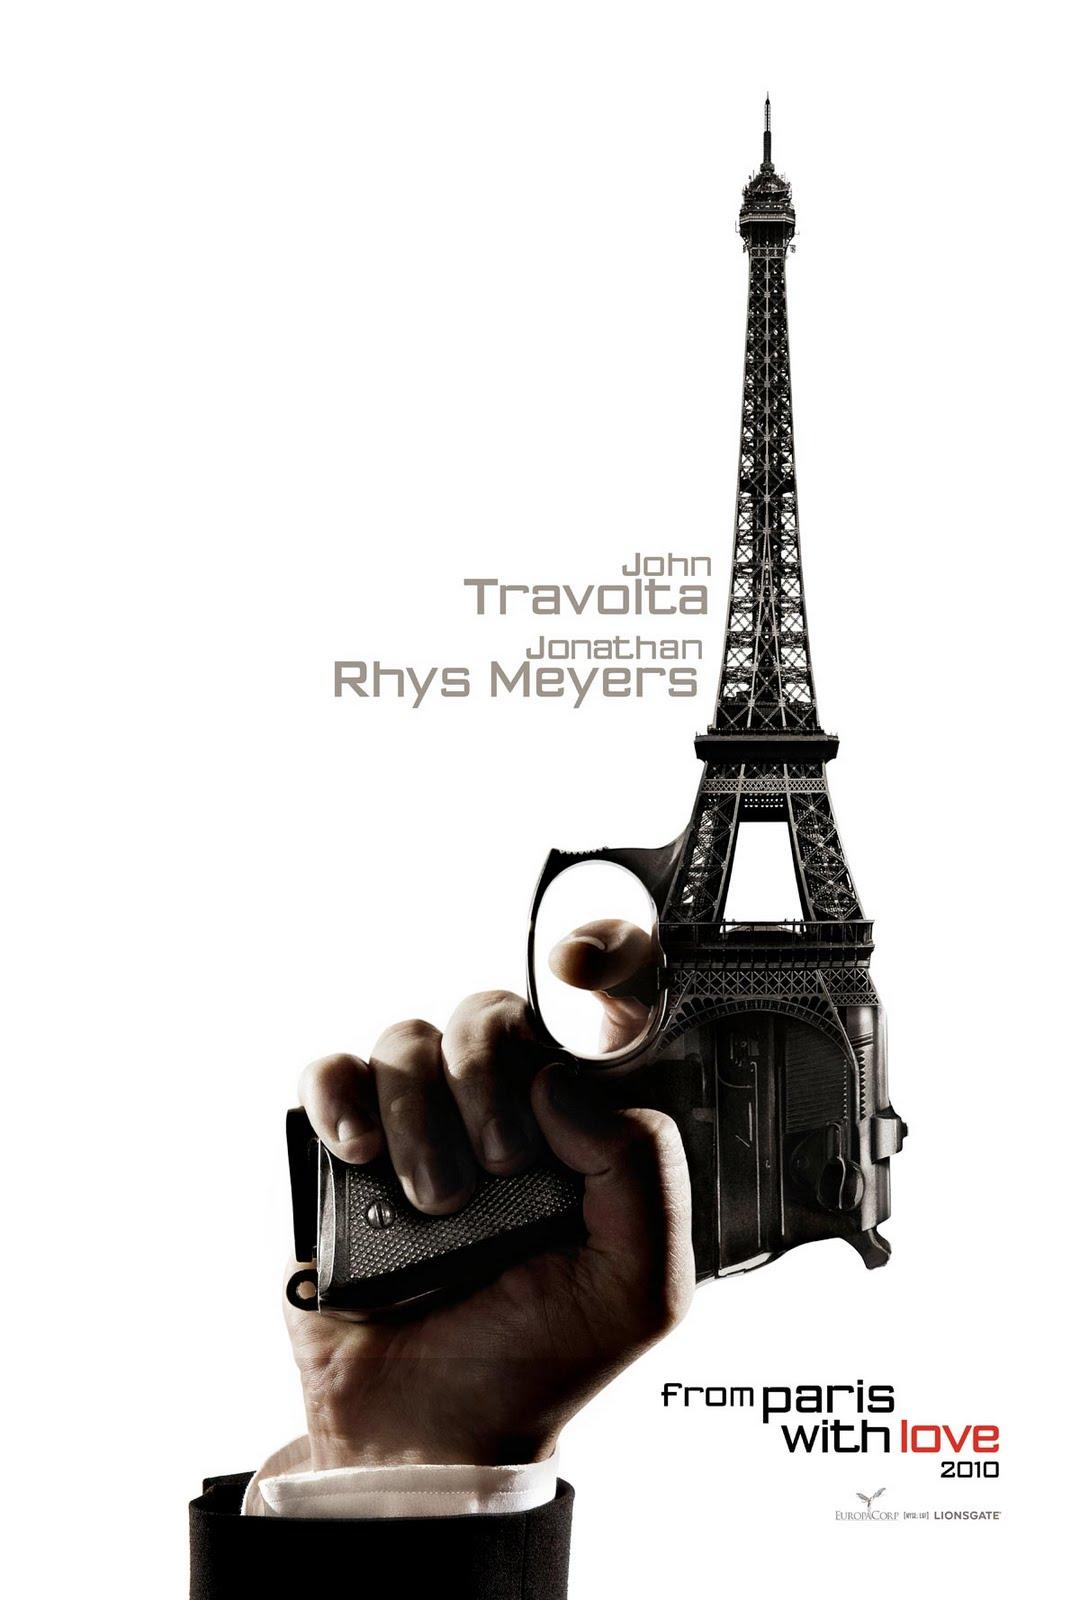 http://1.bp.blogspot.com/-BUxcBjTI53w/TbkWQDyN3kI/AAAAAAAAKog/9DSsuNf2LjU/s1600/frompariswlove_poster.jpg